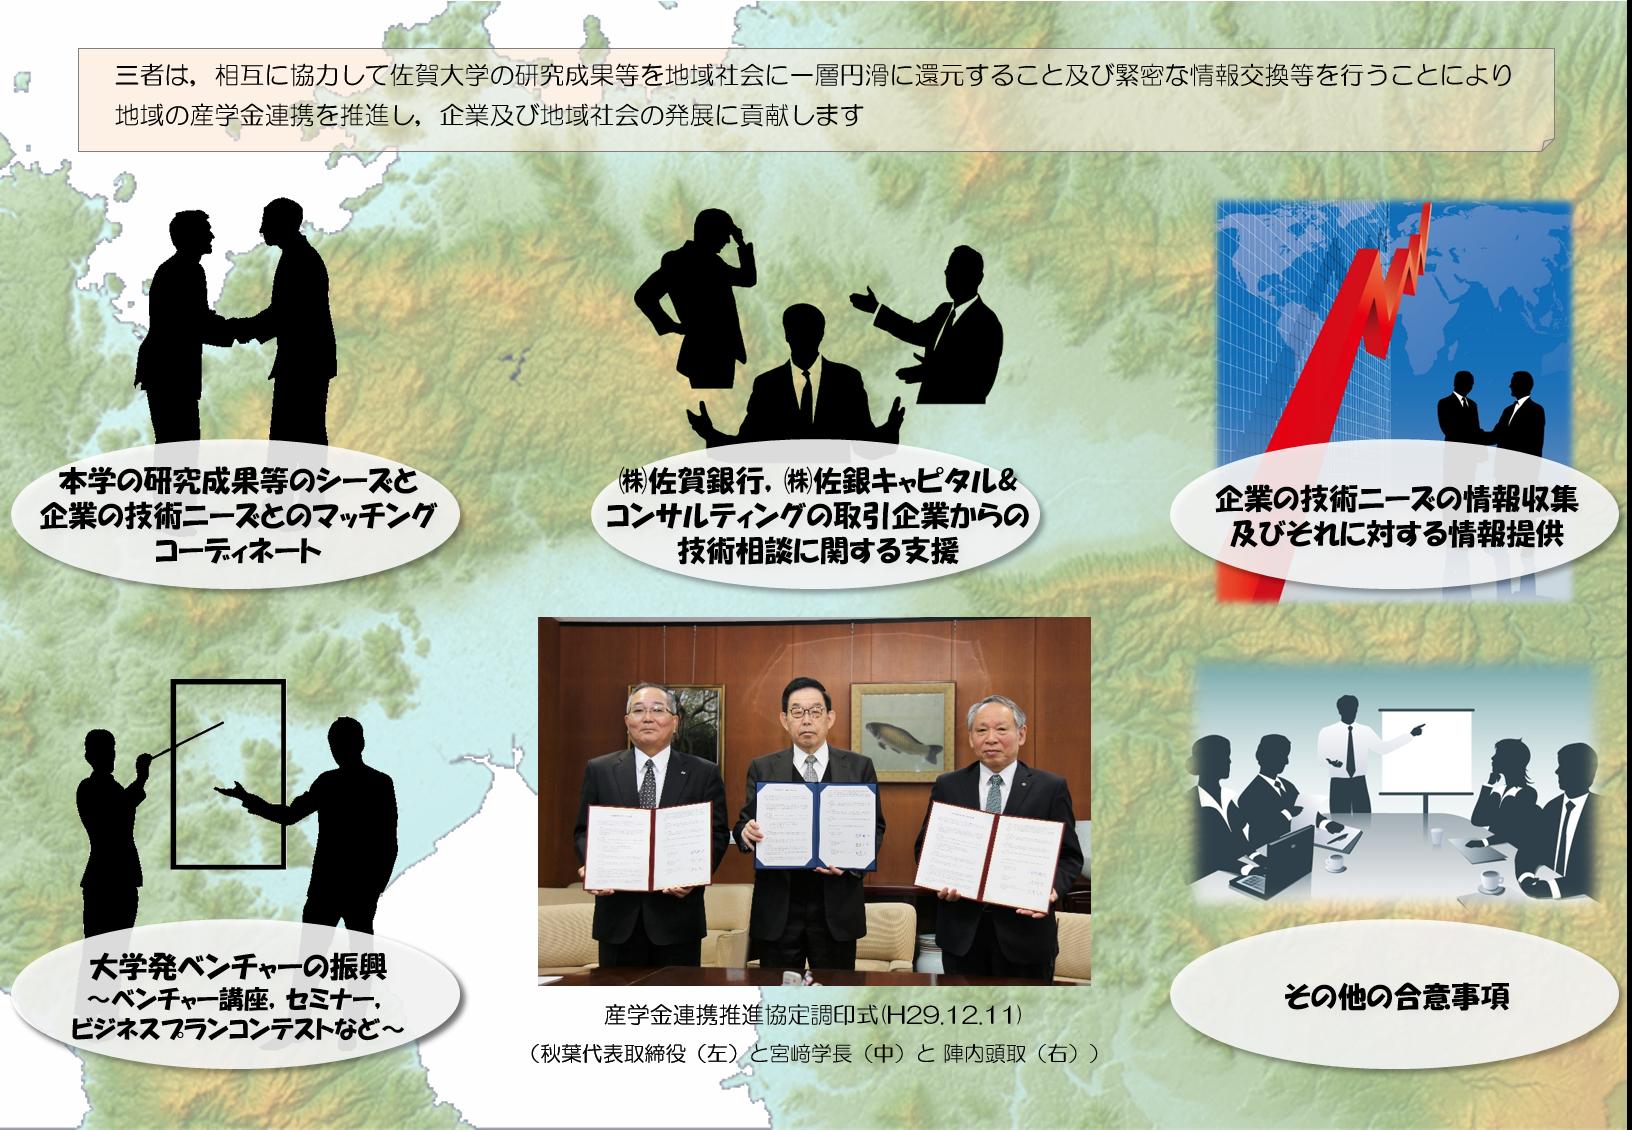 (株)佐賀銀行,(株)佐銀C&Cとの連携協定